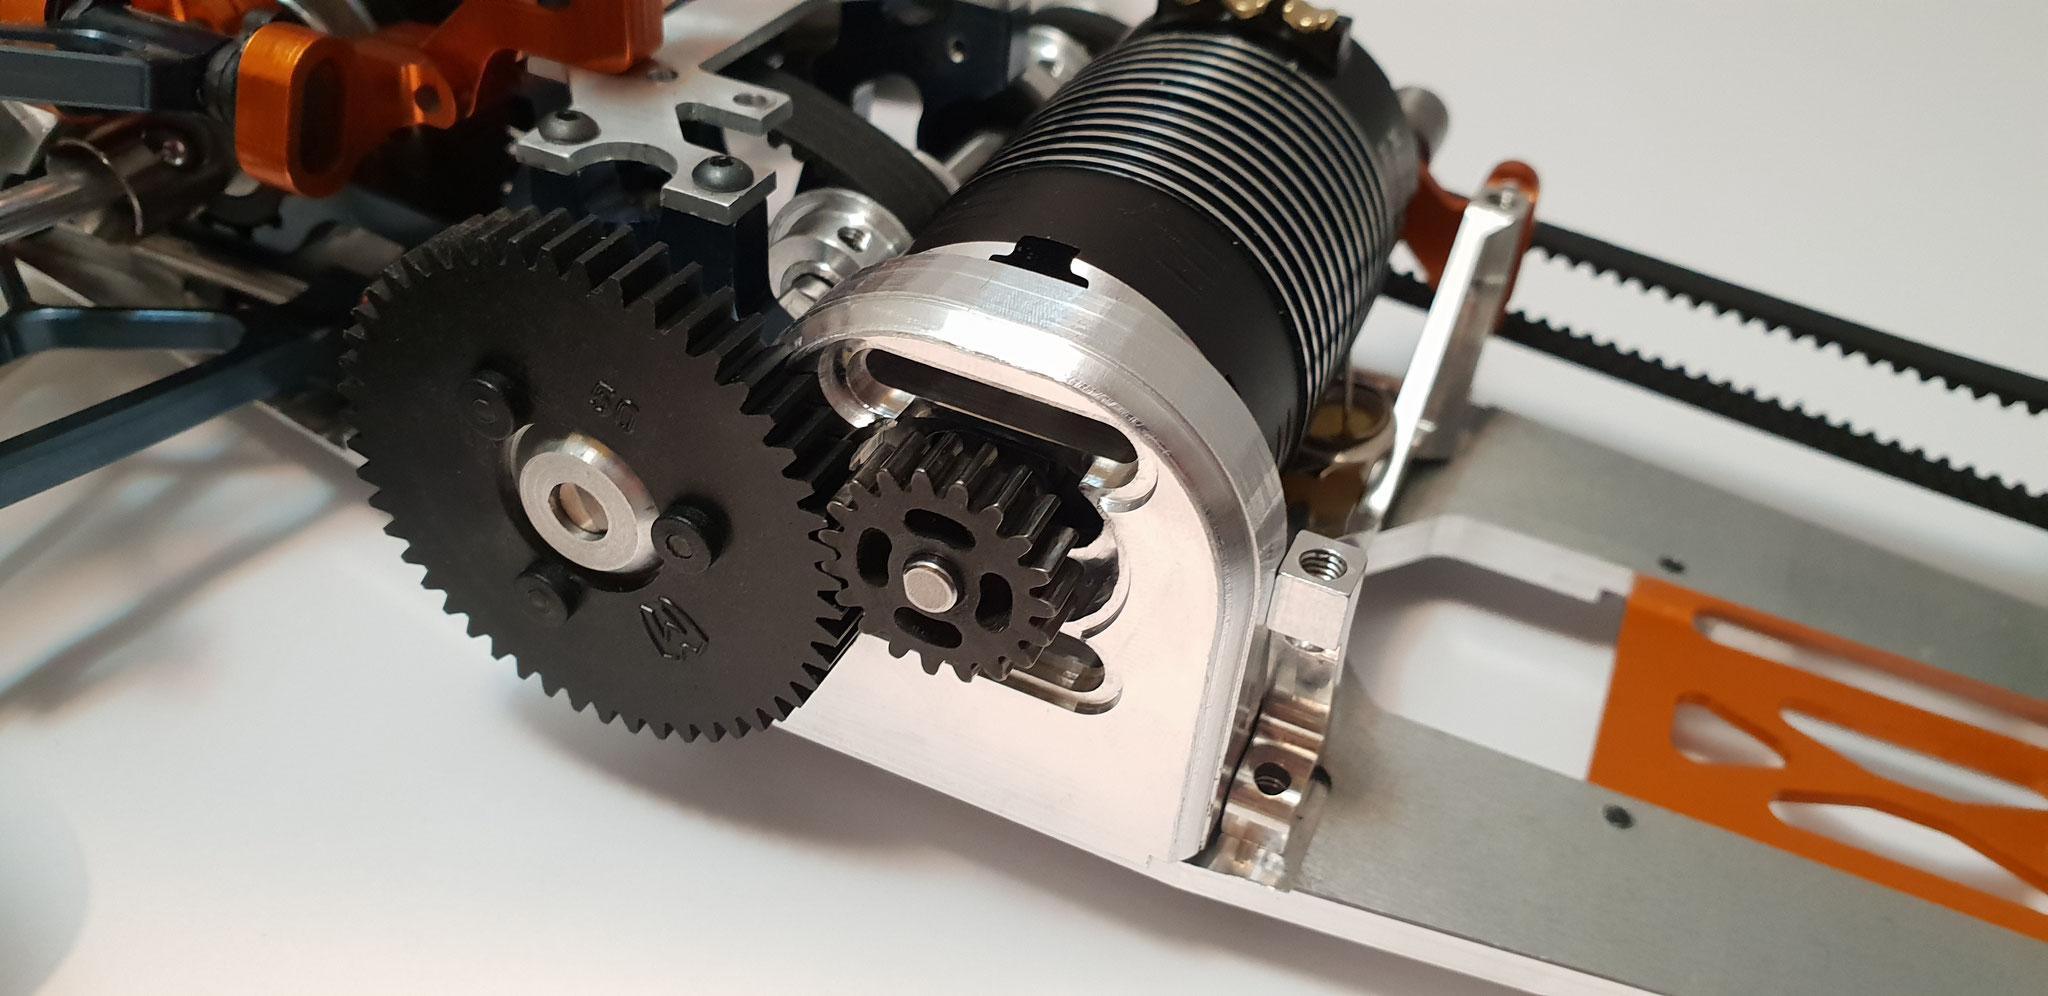 Erster Verbau im Fahrzeug: CNC-gefräster Motorträger nimmt Hobbywing Elektromotor auf, um einen soliden Antrieb zu gewährleisten